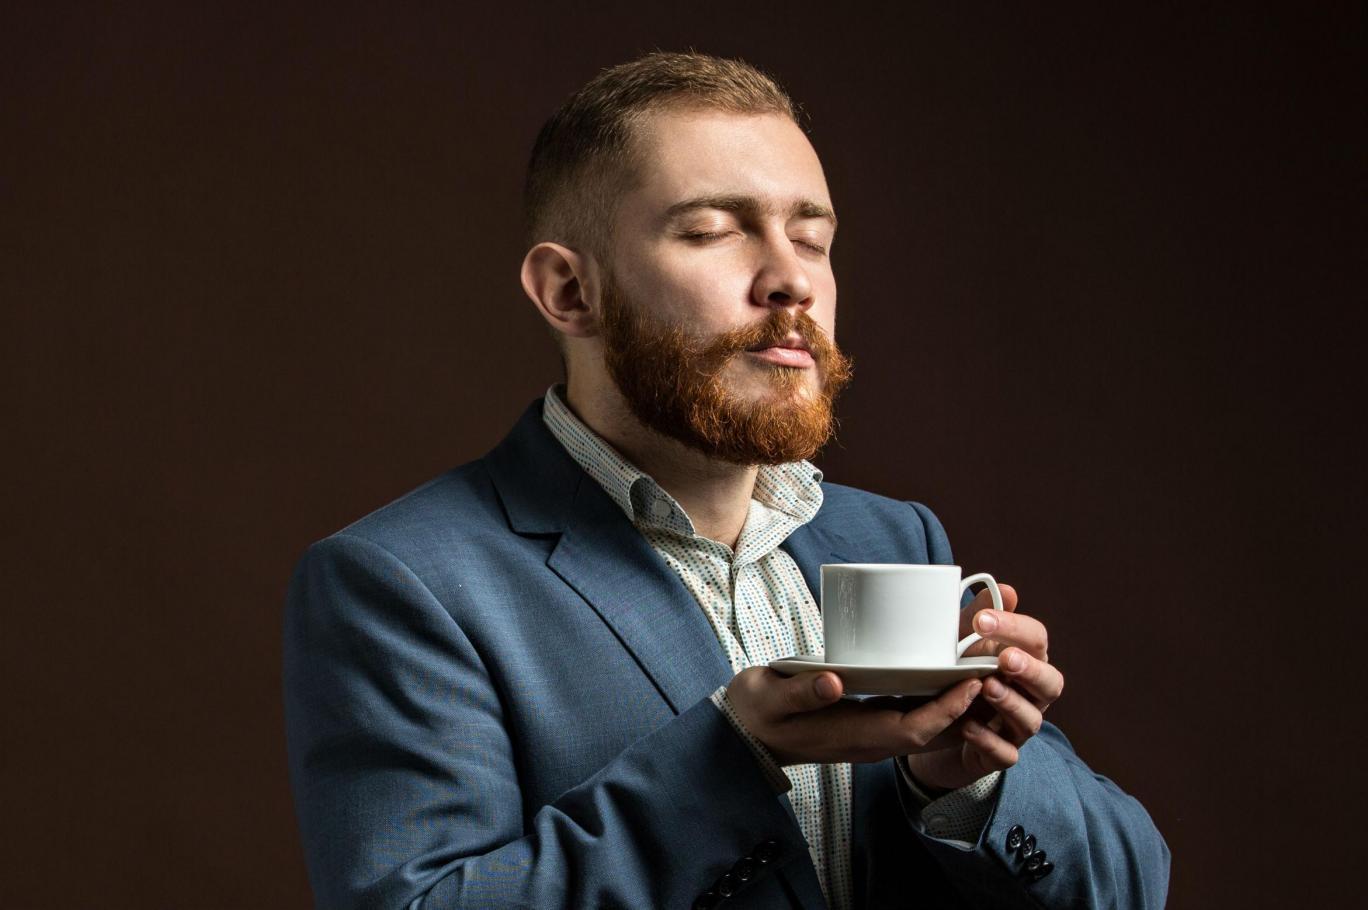 Miért ébrednek a férfiak szinte minden reggel erekcióval? - filmfundpecs.hu